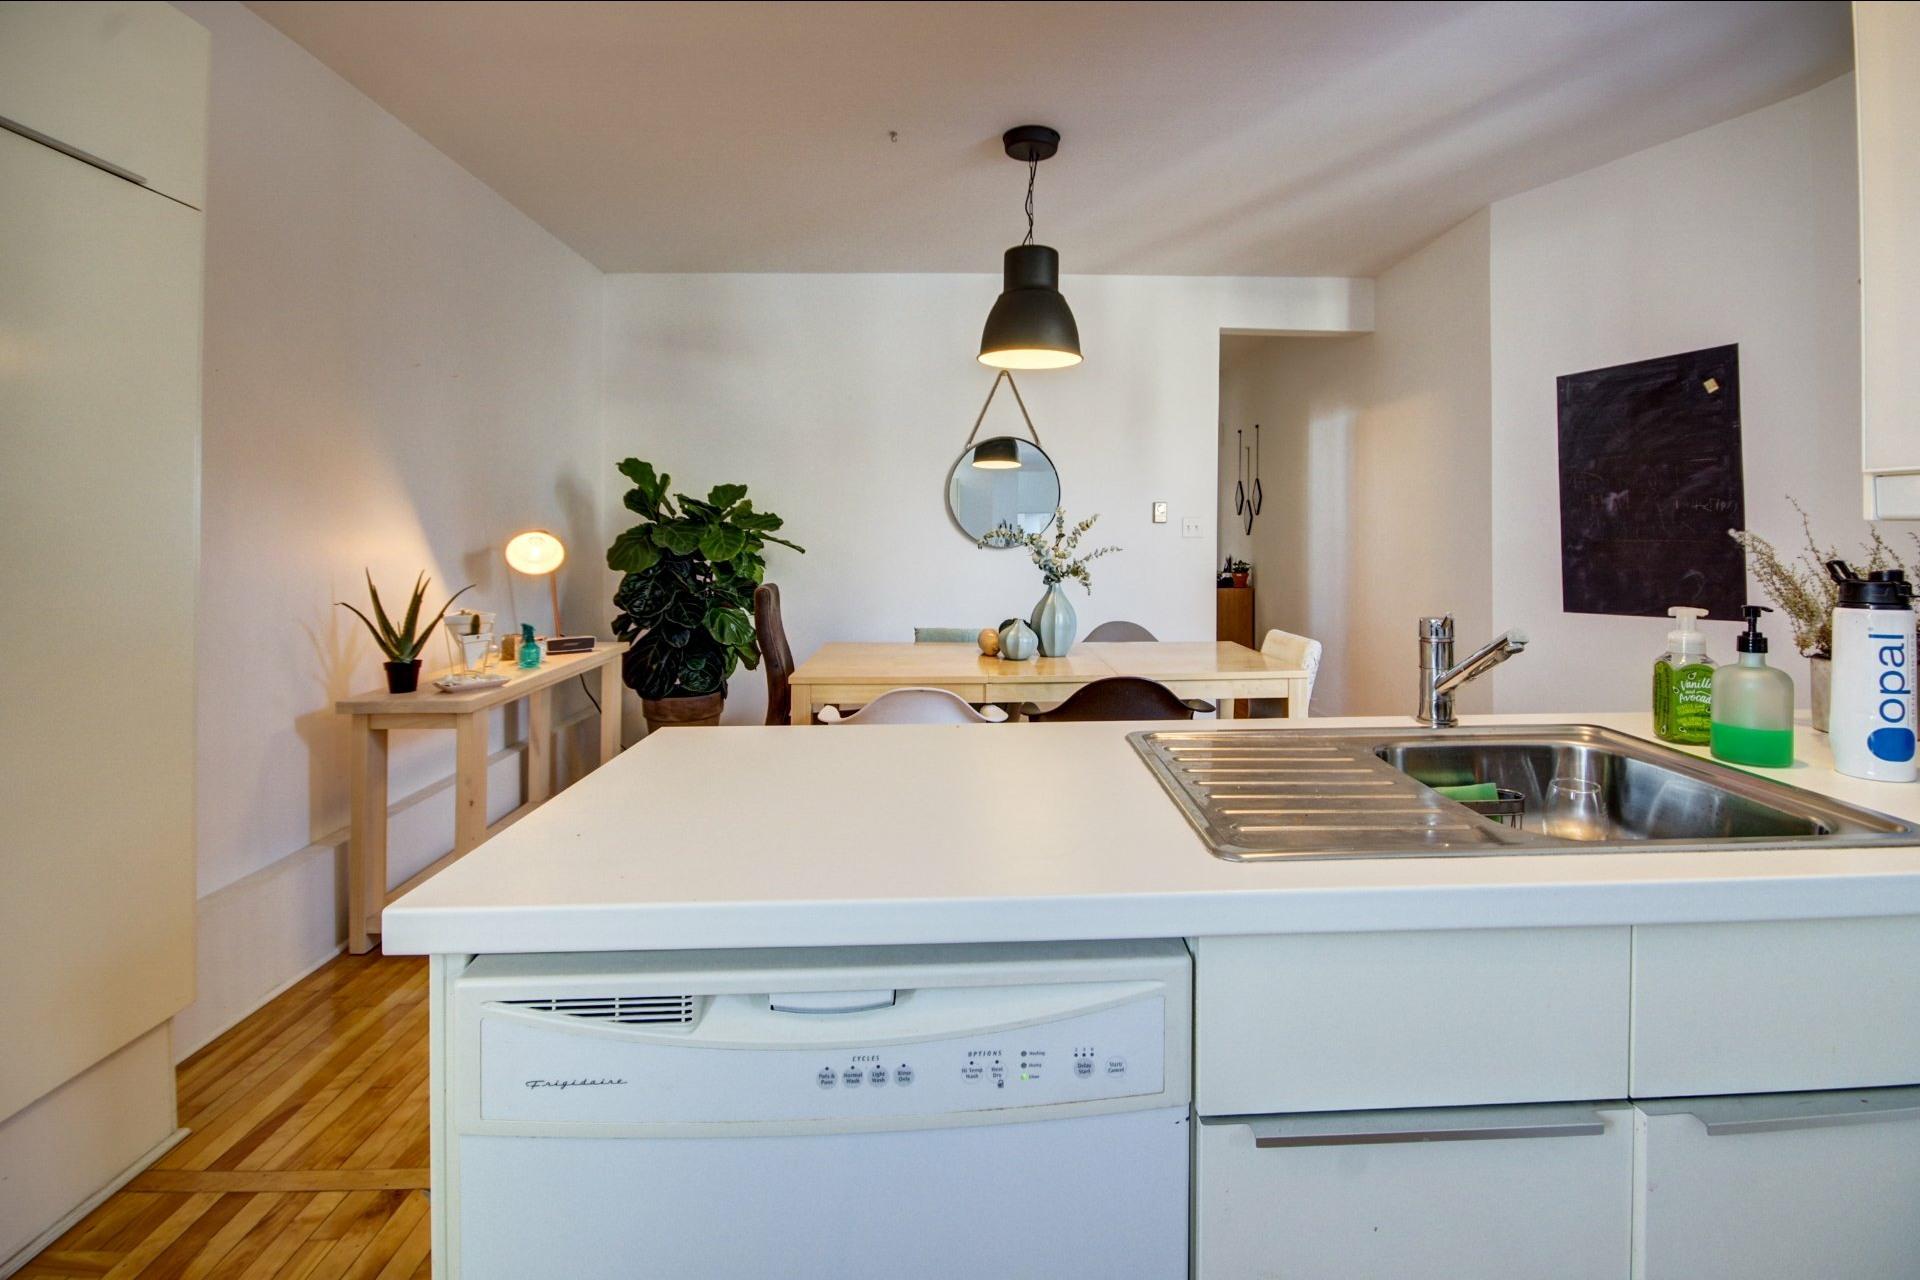 image 5 - Immeuble à revenus À vendre Montréal Le Plateau-Mont-Royal  - 5 pièces